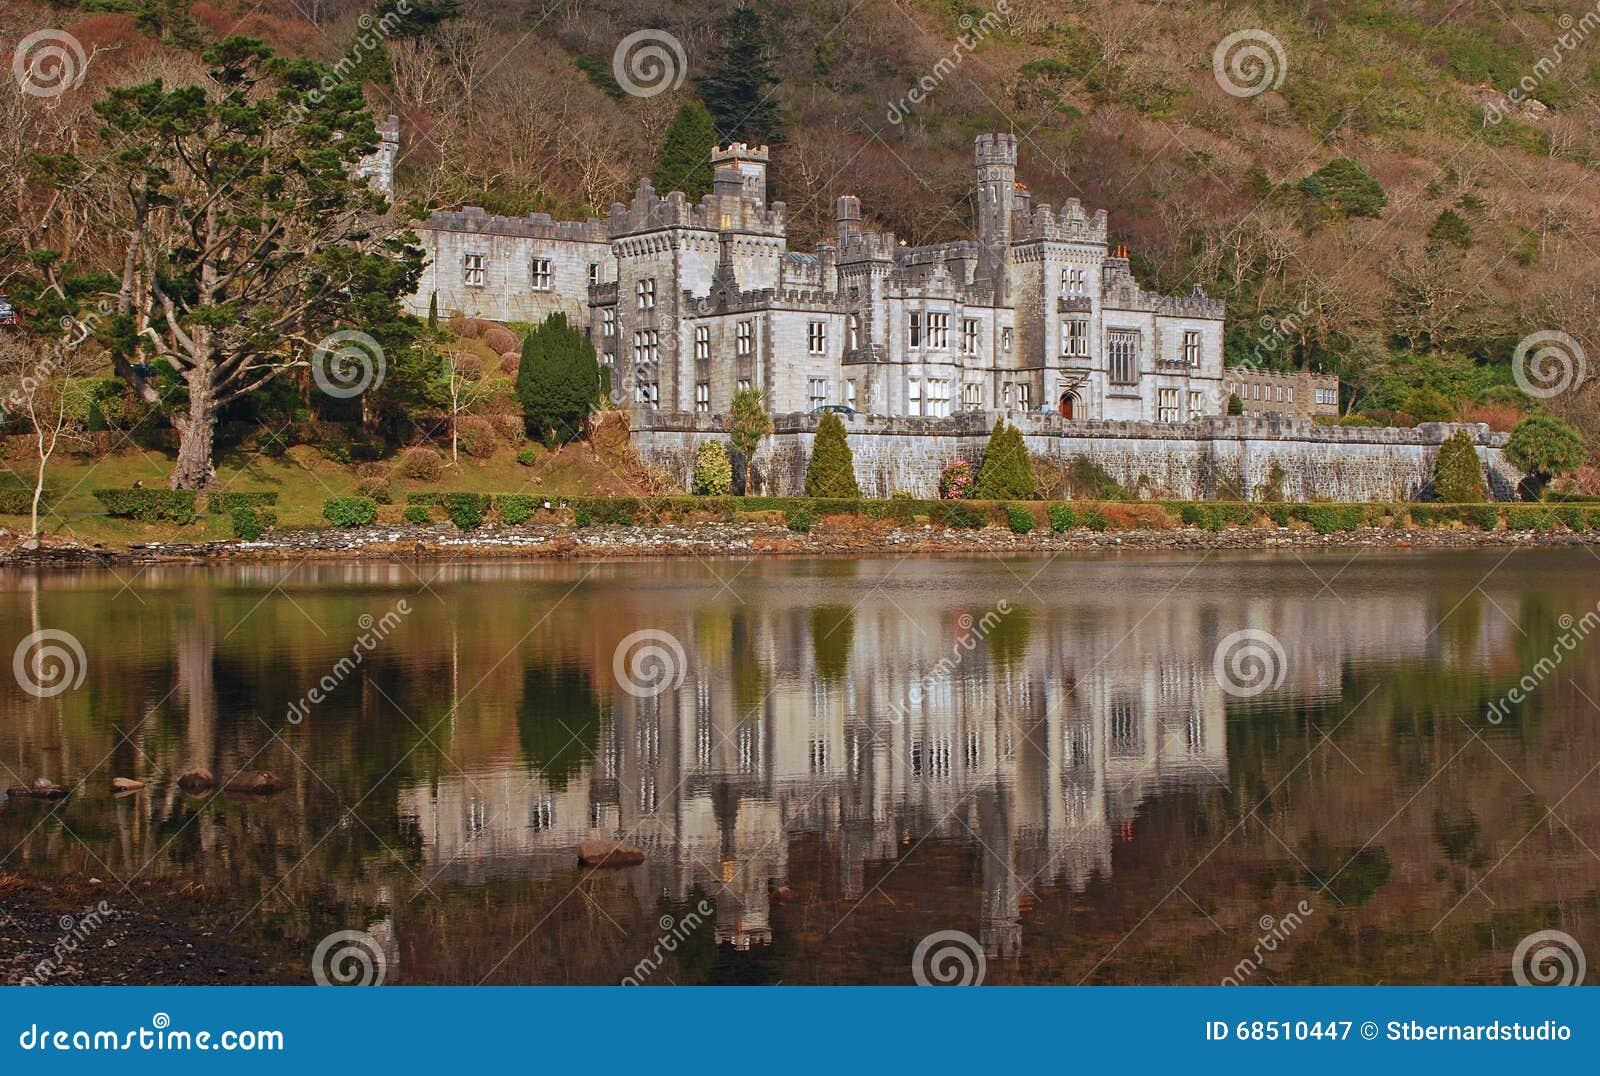 Kylemore slott i Irland med lugna vattenreflexion